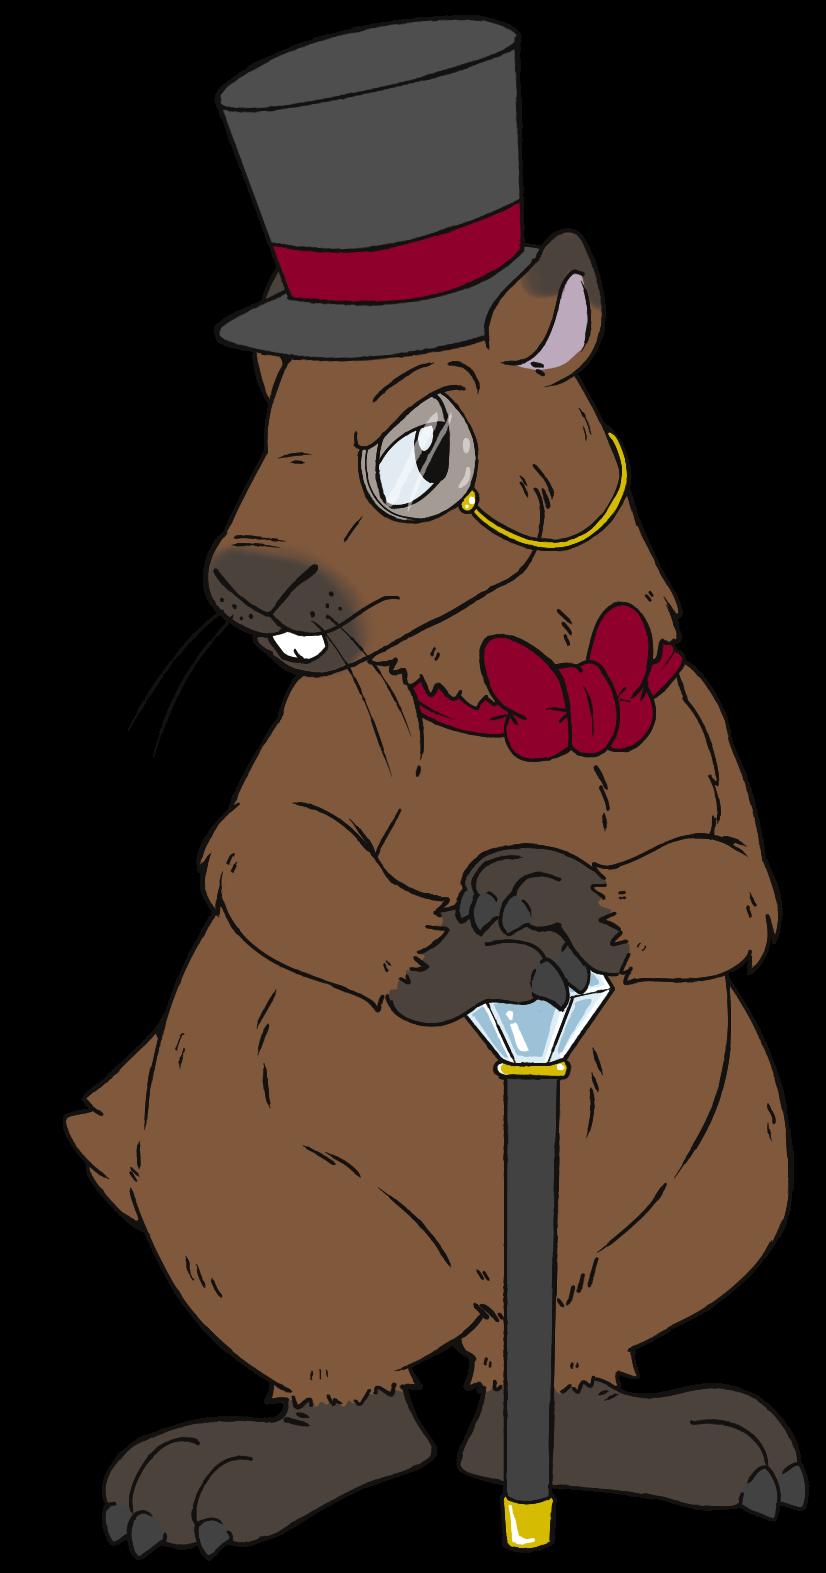 Commission - P.T. Capybara